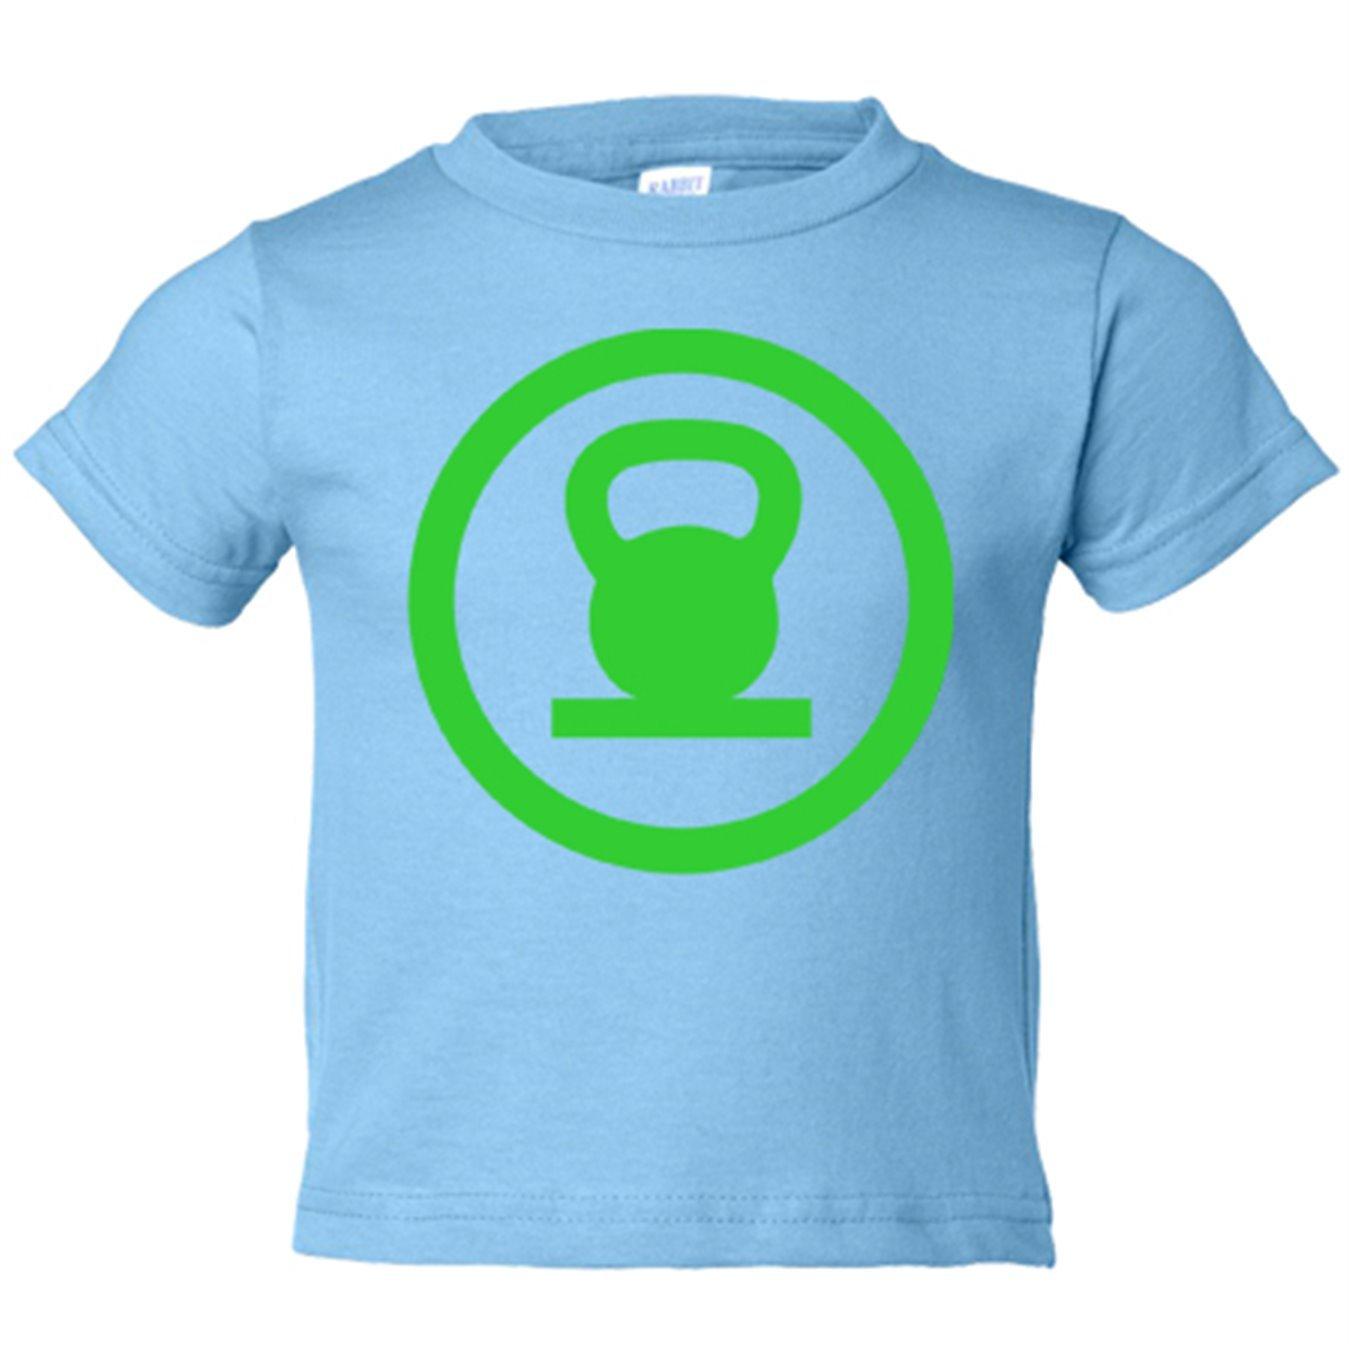 Camiseta niño Crossfit kettlebell Linterna Verde - Blanco, 3-4 años: Amazon.es: Bebé